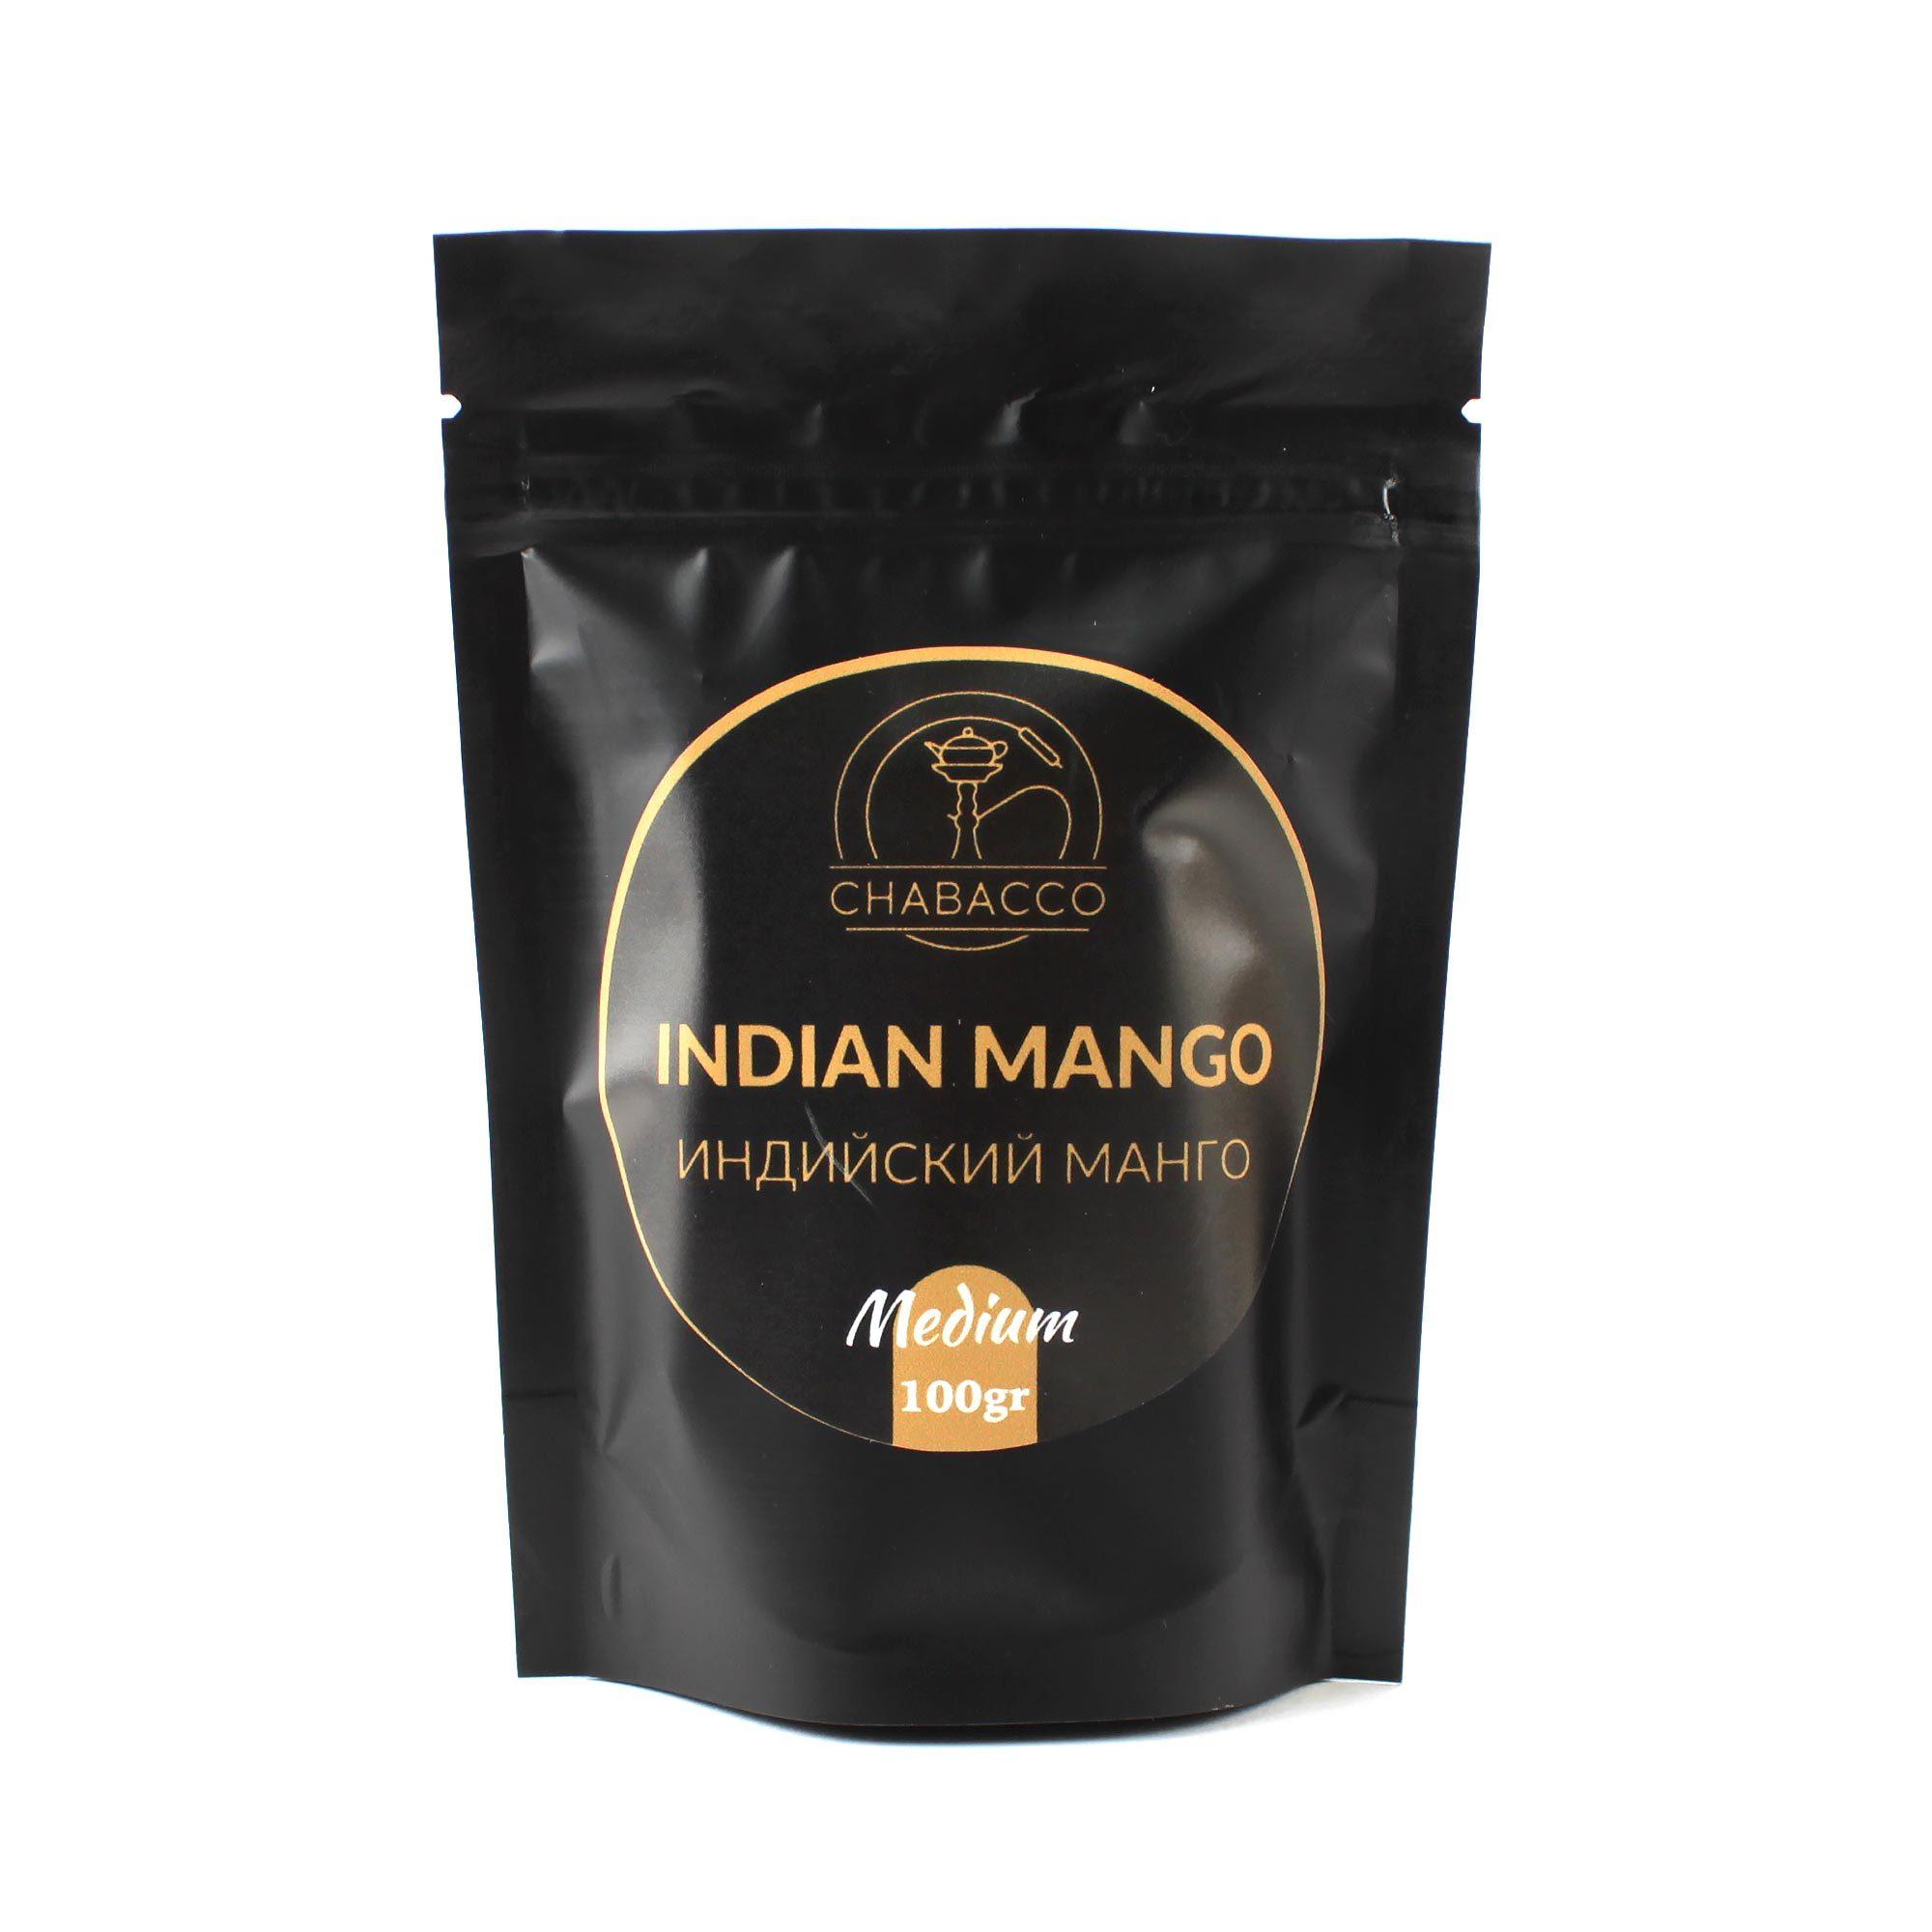 Кальянная смесь Chabacco Medium 100 гр Indian Mango